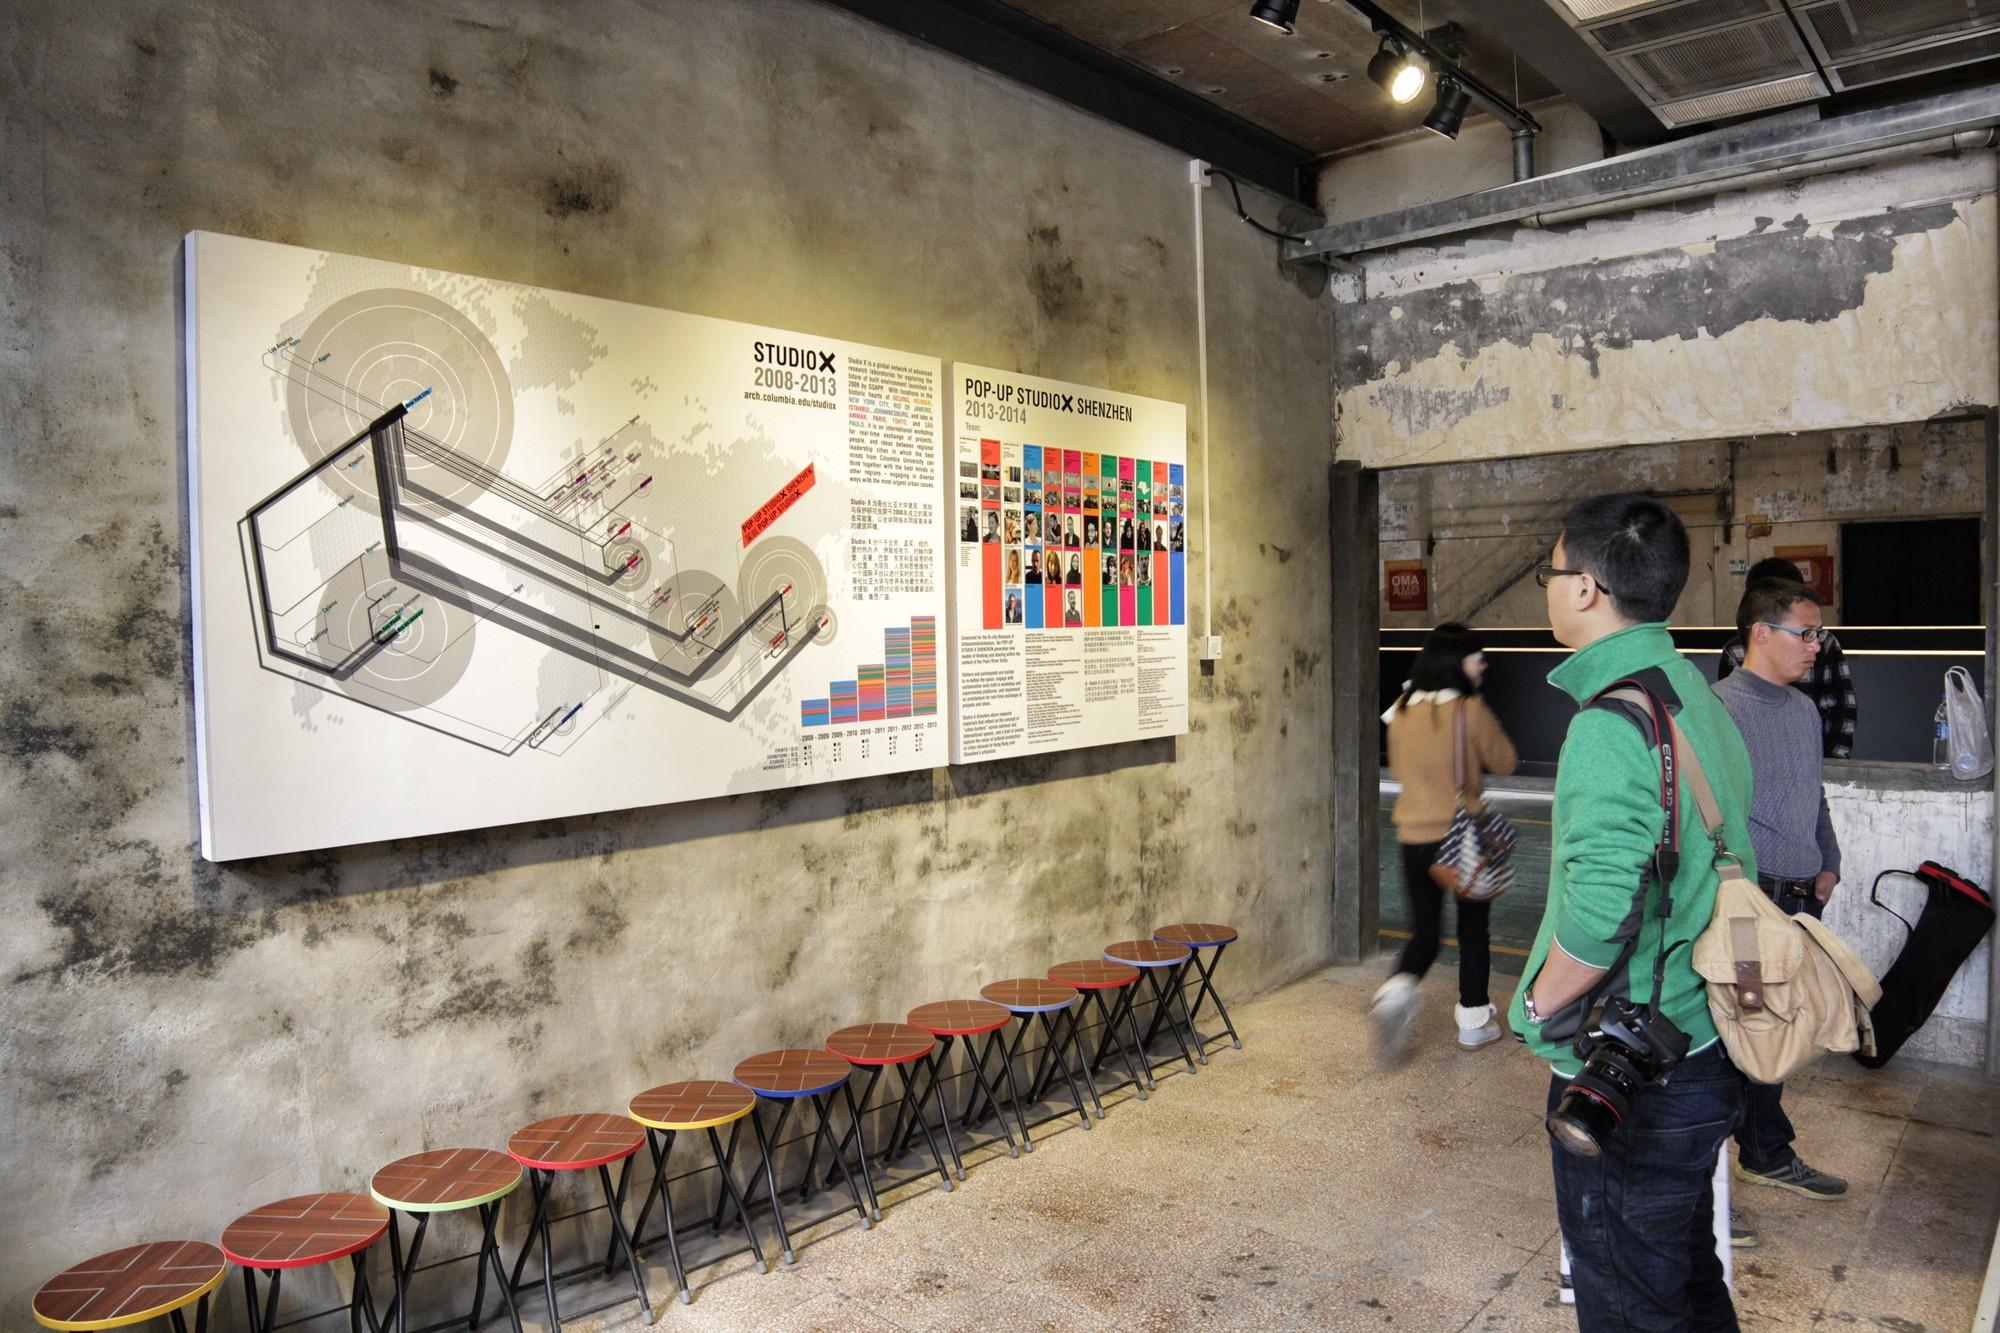 Pop Up Studio X Shenzhen © ArchDaily